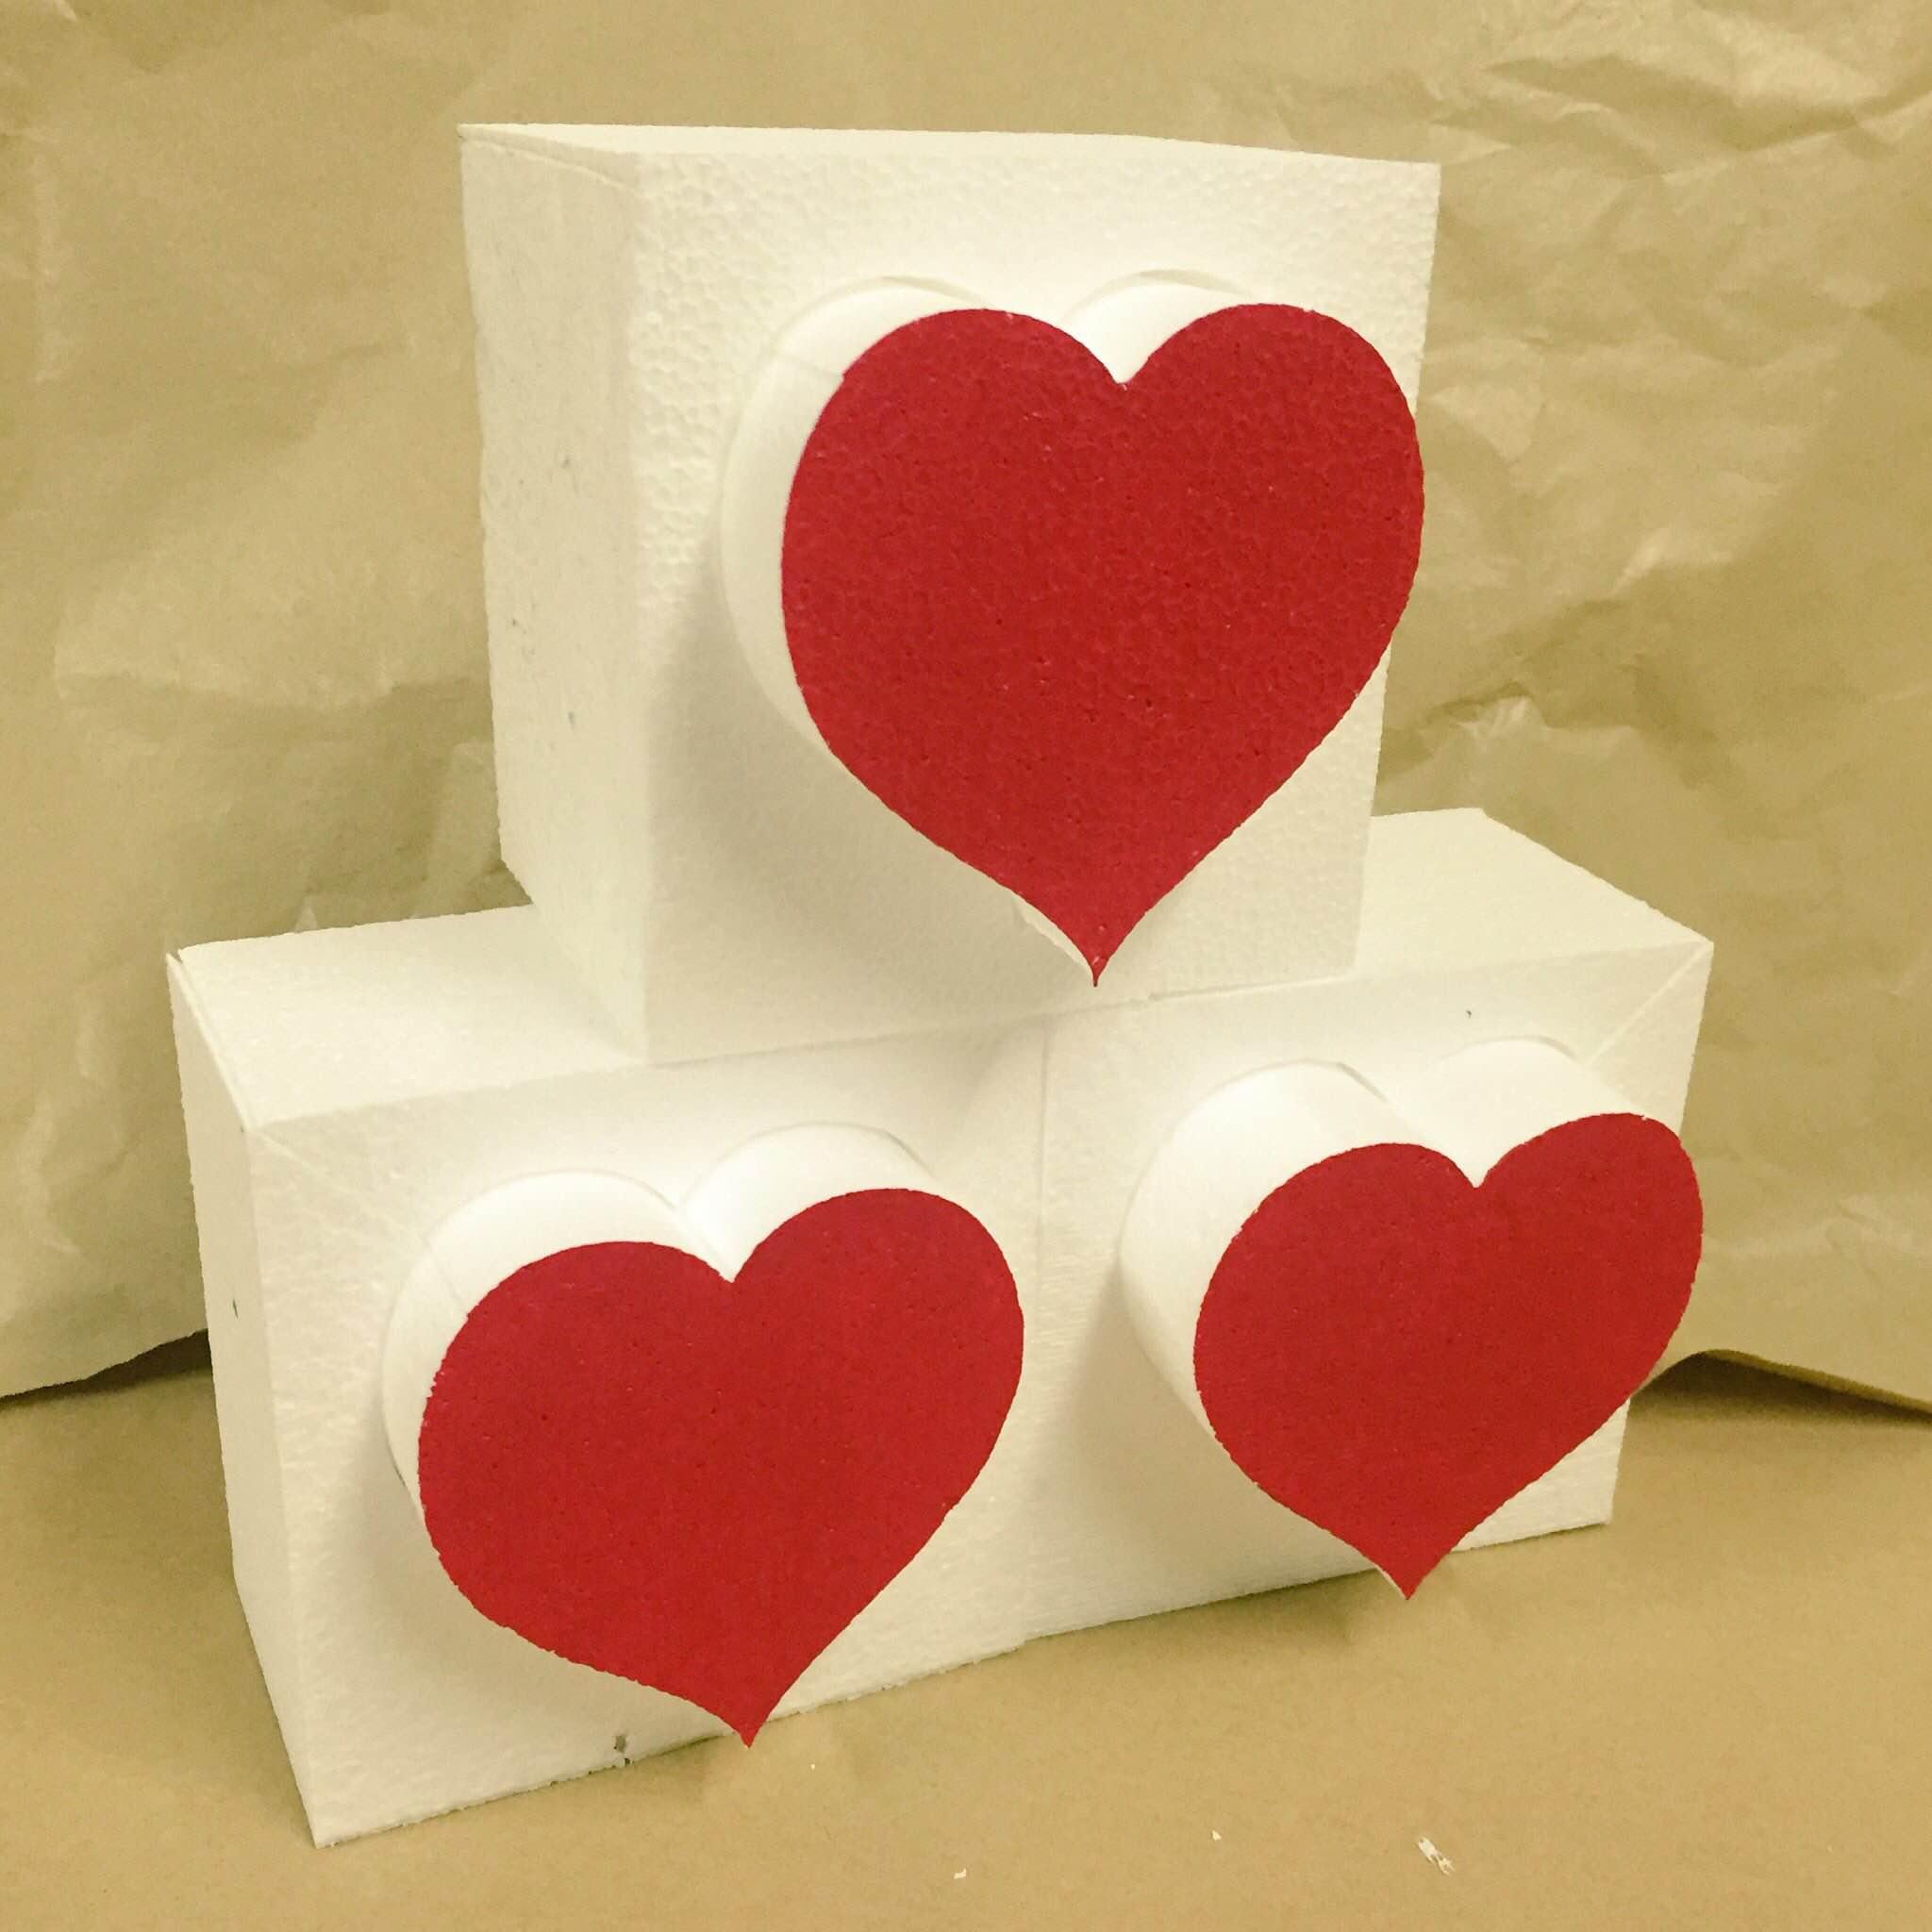 foamlovehearts